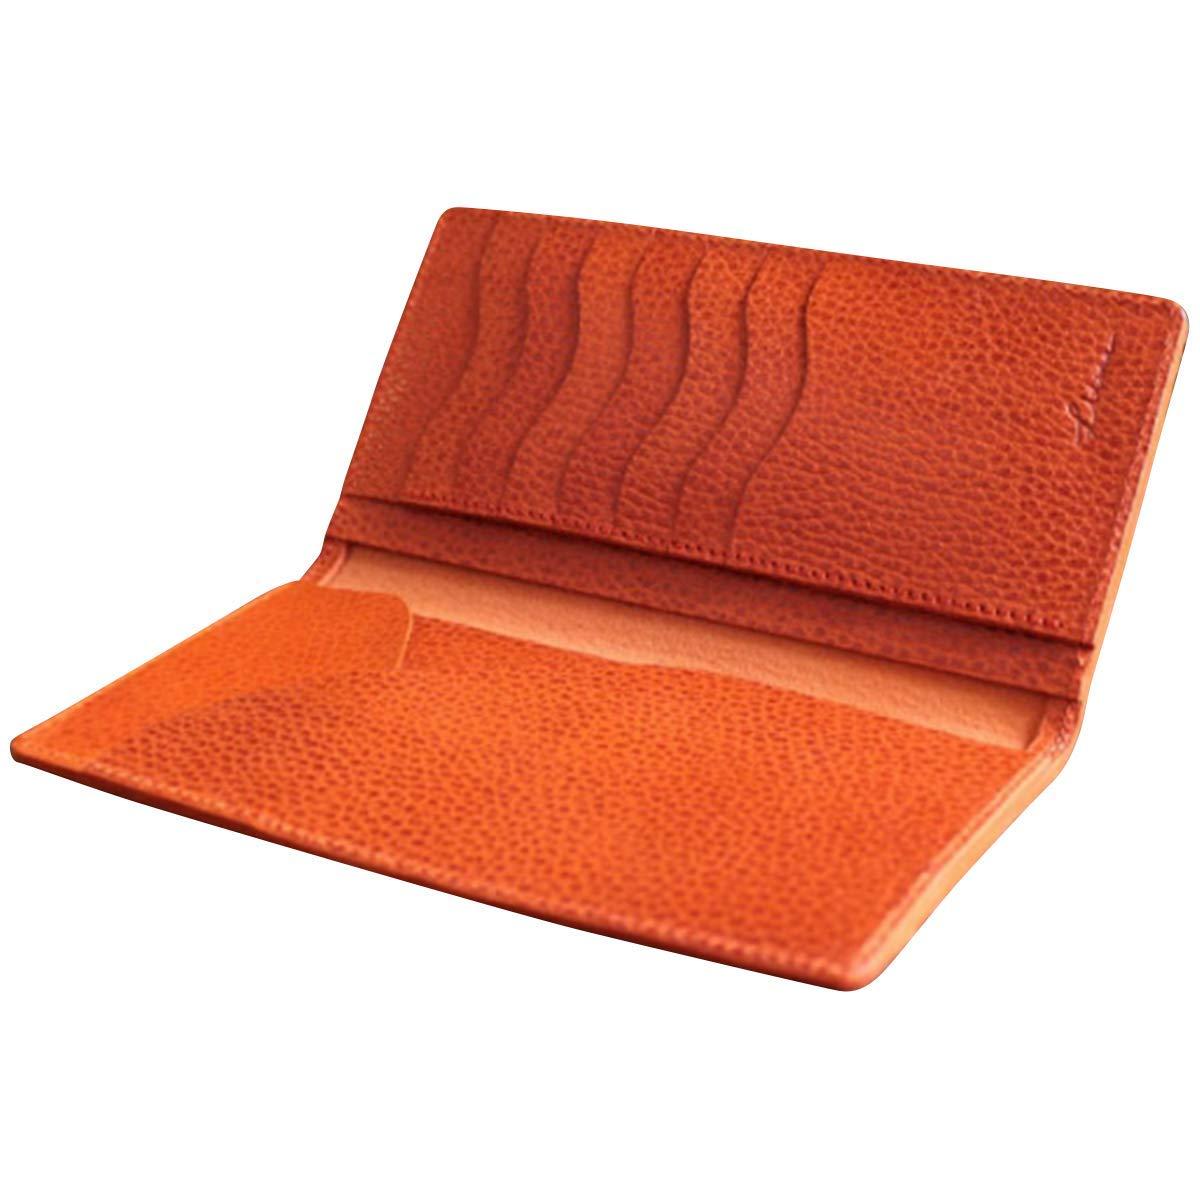 【クーポンあり】LITSTA リティスタ Bill Case Orange オレンジ | ビルケース 束入れ 札入れ 長財布 薄い 極薄 イタリアンレザー dollaro ドラーロ メンズ レディース 人気 おすすめ おしゃれ かわいい プレゼント 日本製